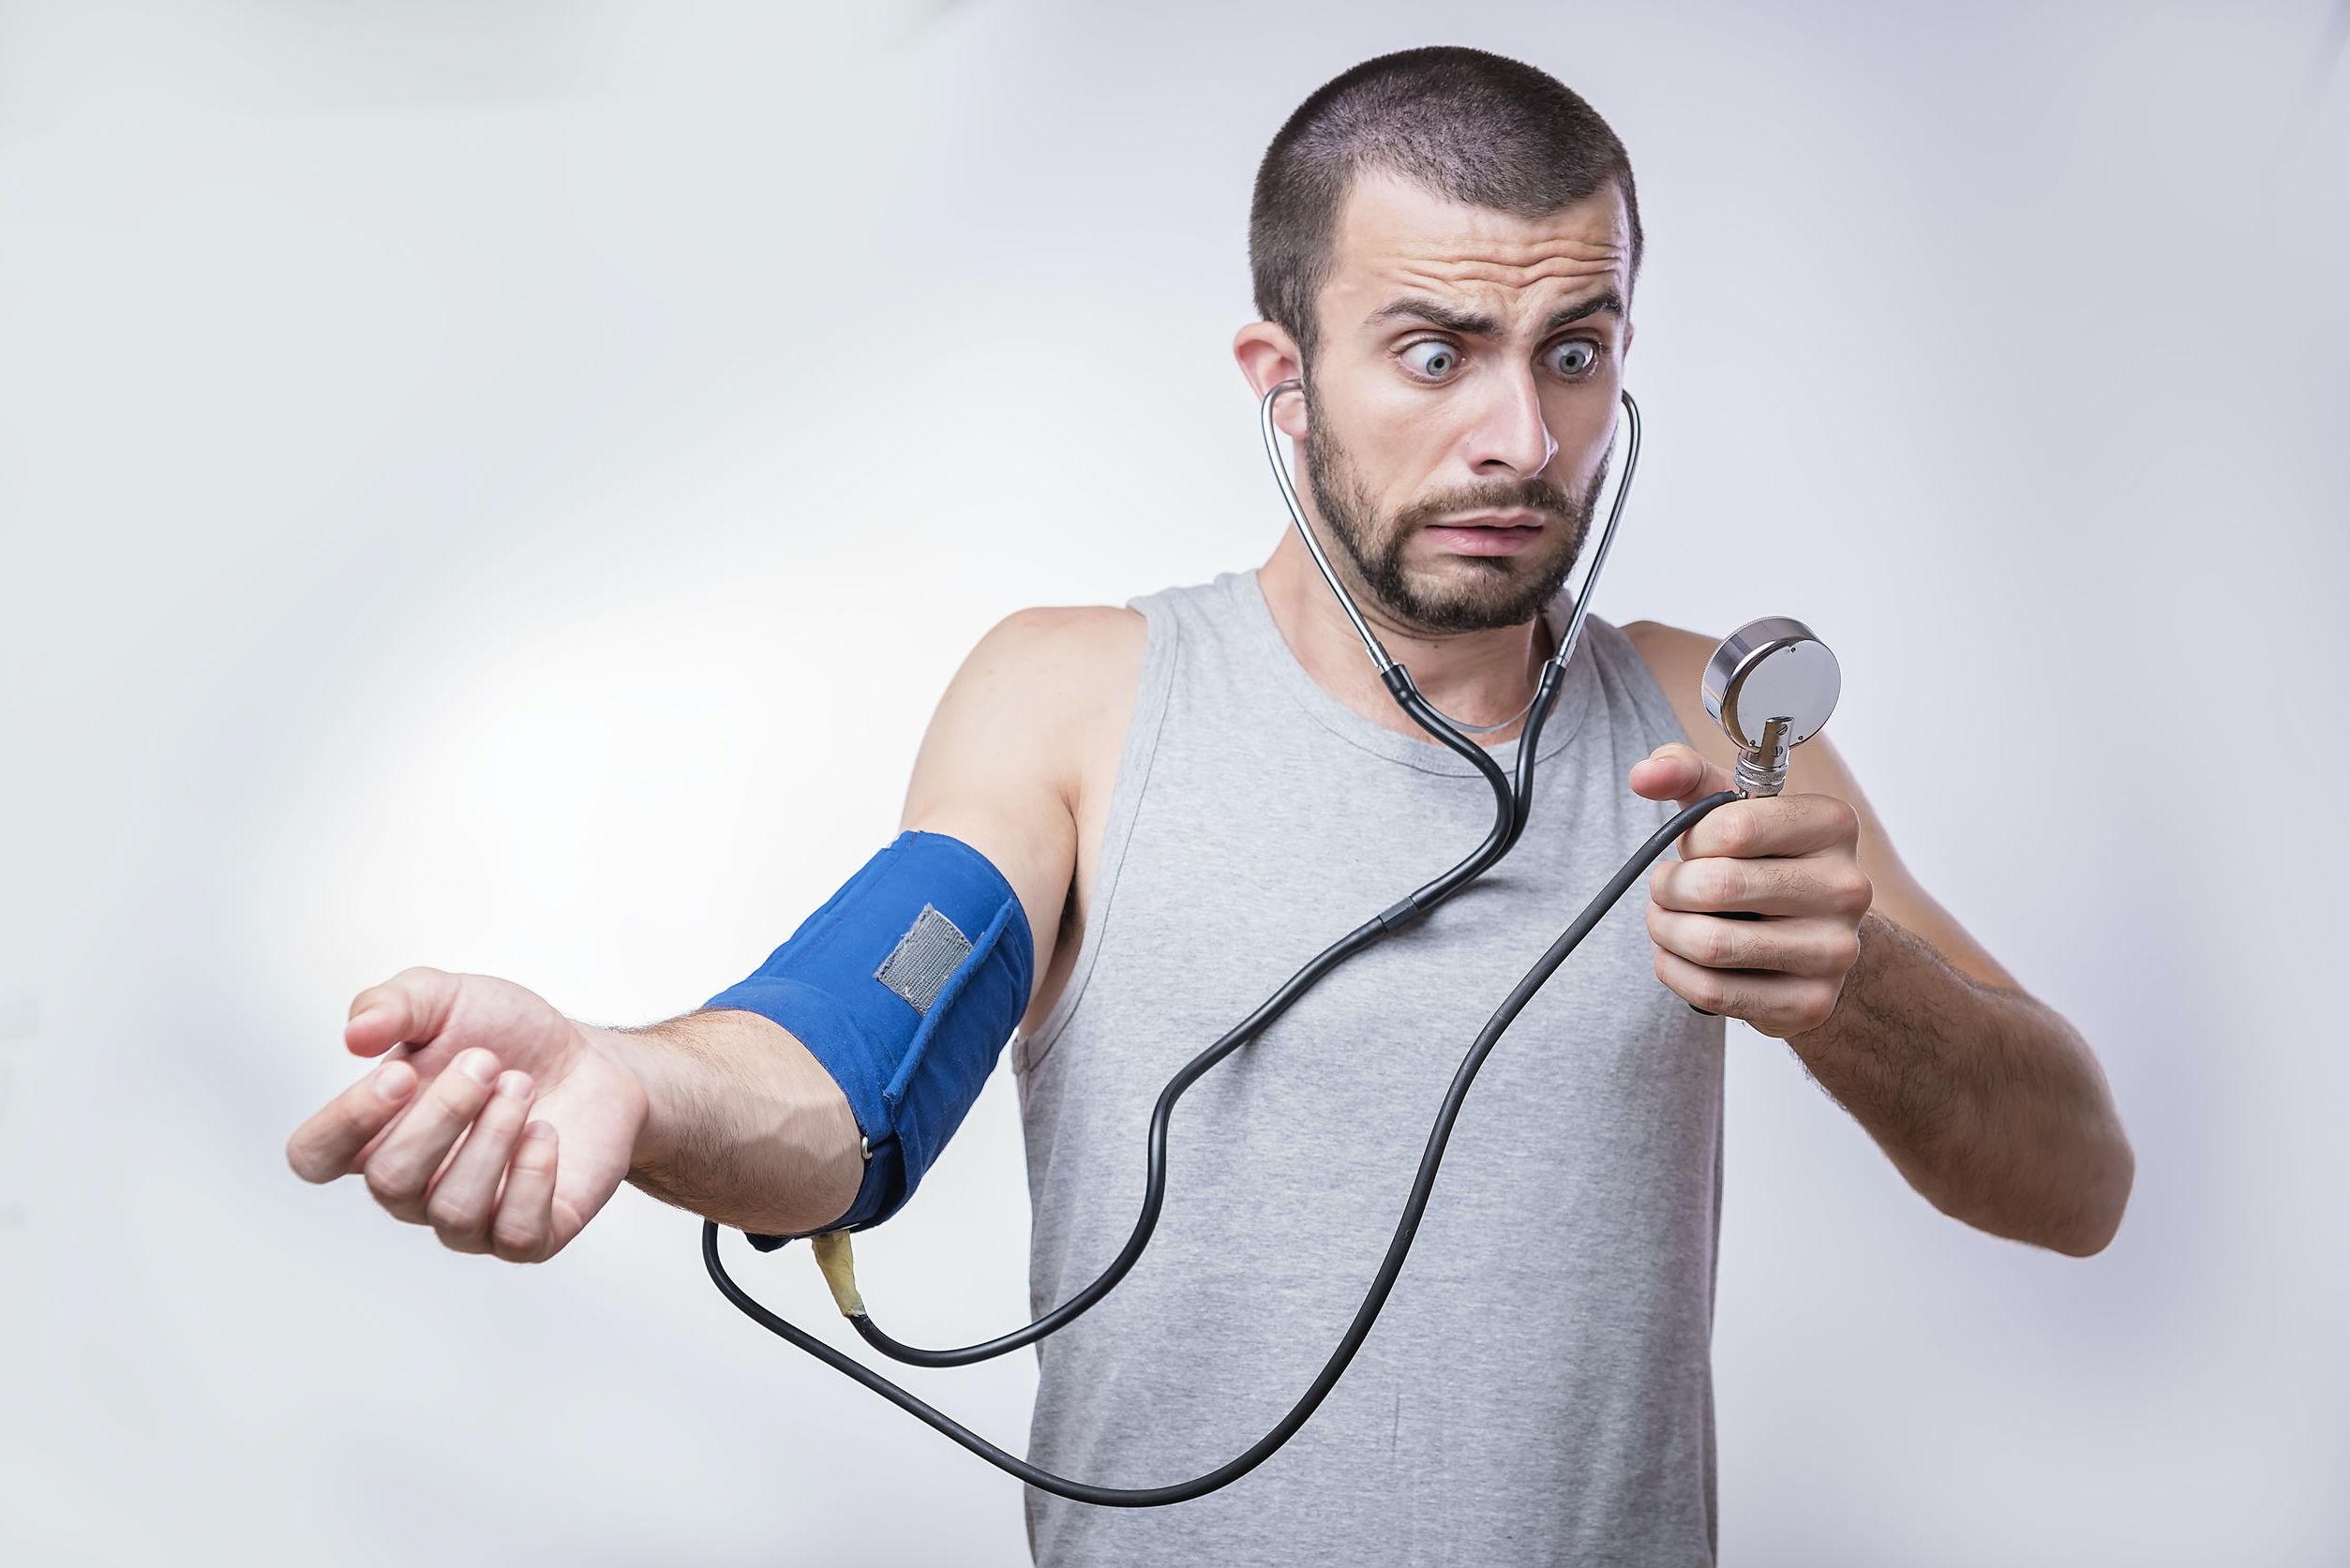 milyen tünetek jellemzőek a magas vérnyomásra magas vérnyomás elleni ászanák komplexe